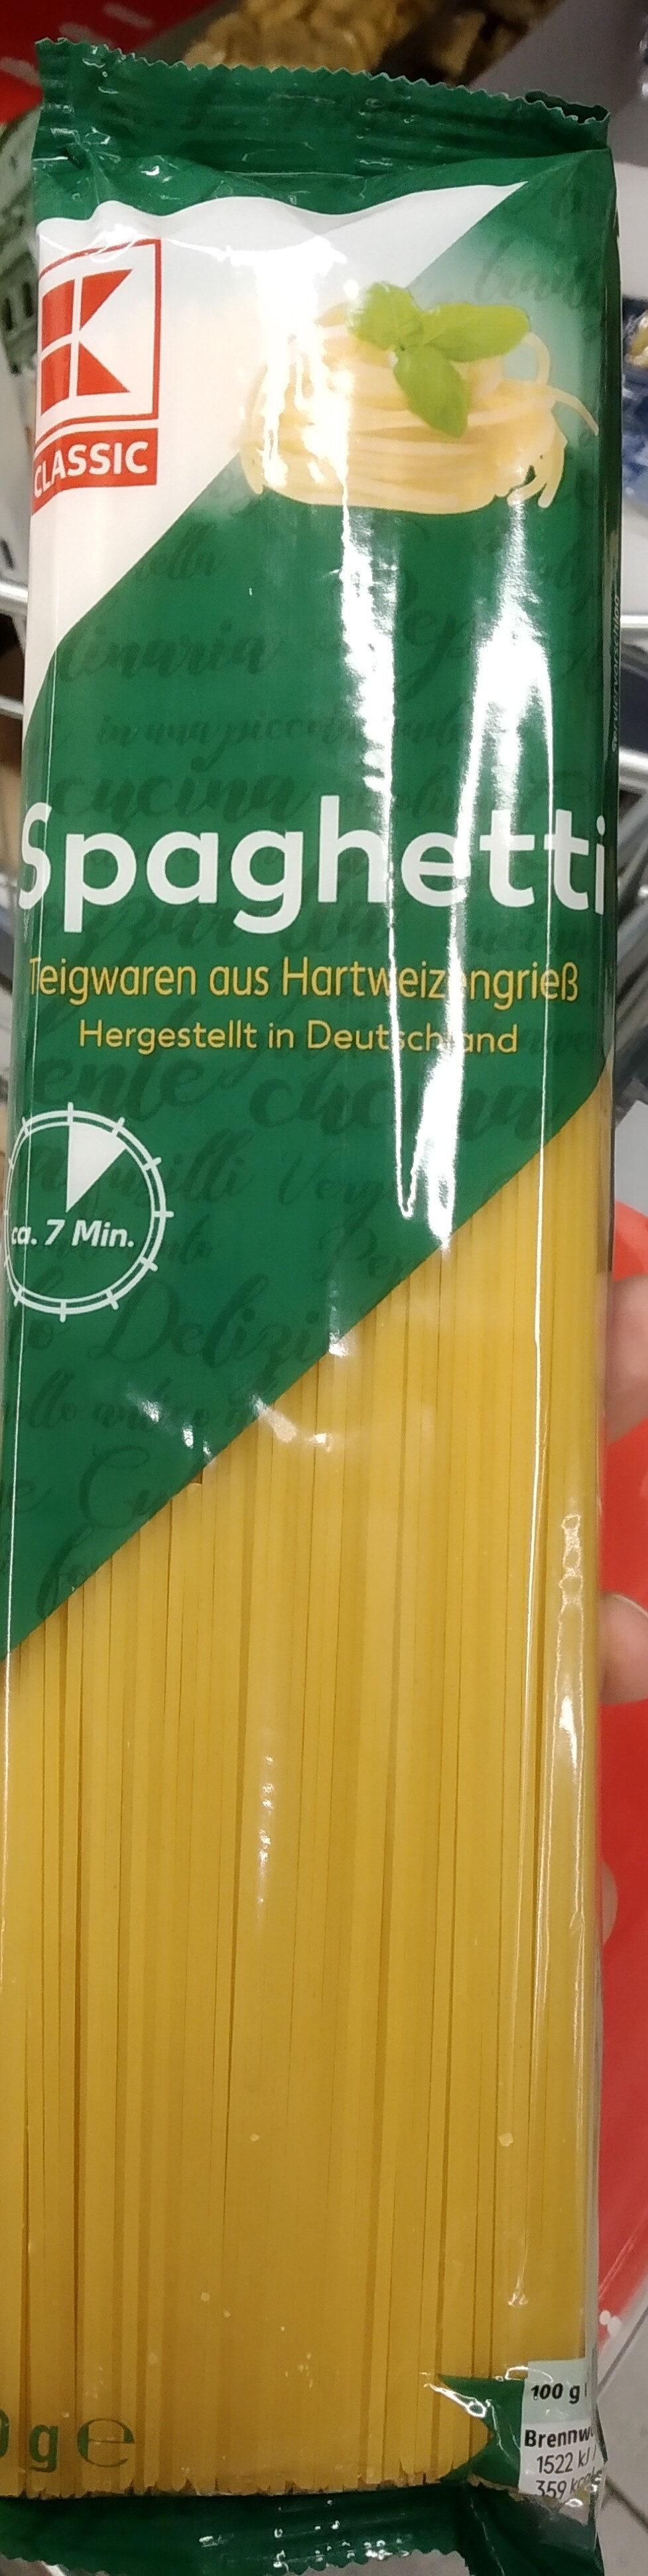 Spaghetti - Product - de